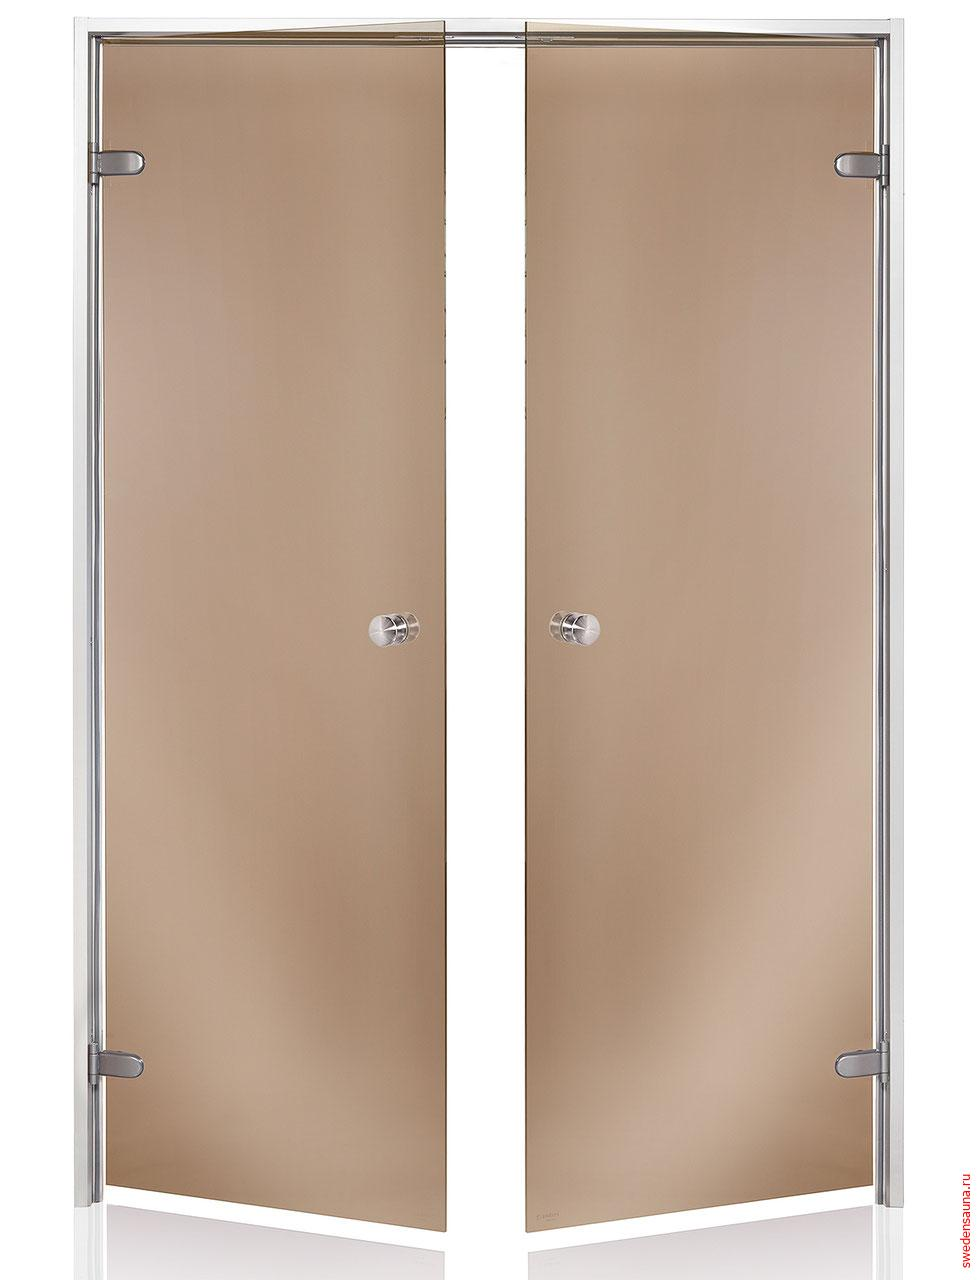 Дверь двойная Harvia ALU 13×19 стекло бронза - фото, описание, отзывы.